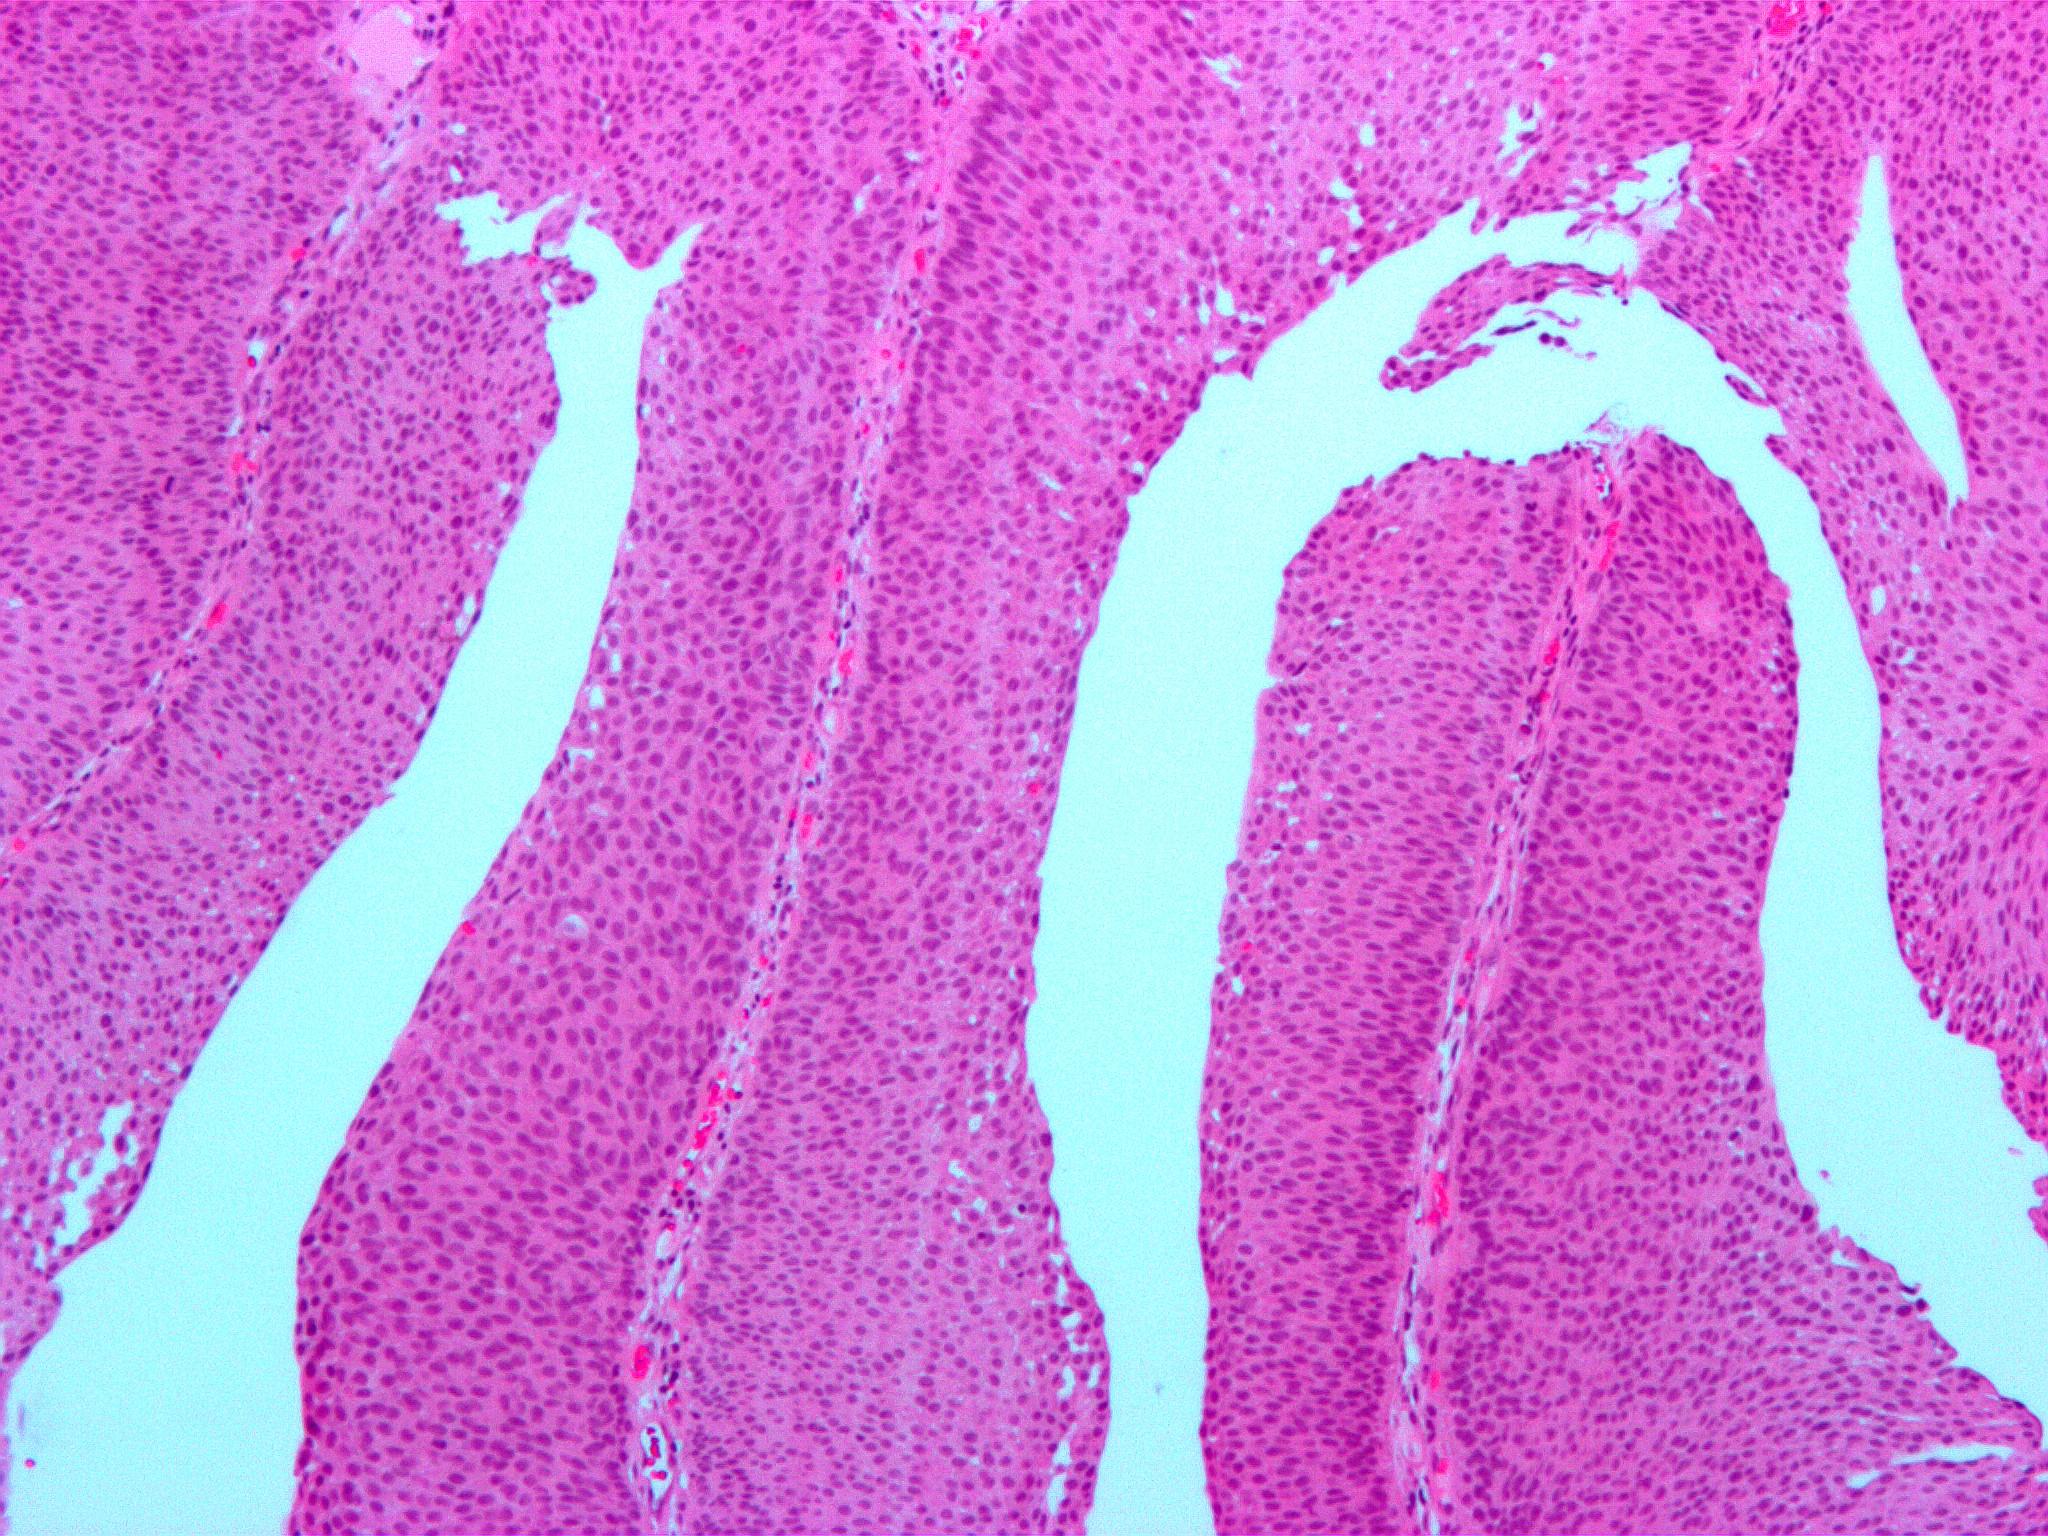 benign papillary urothelial)